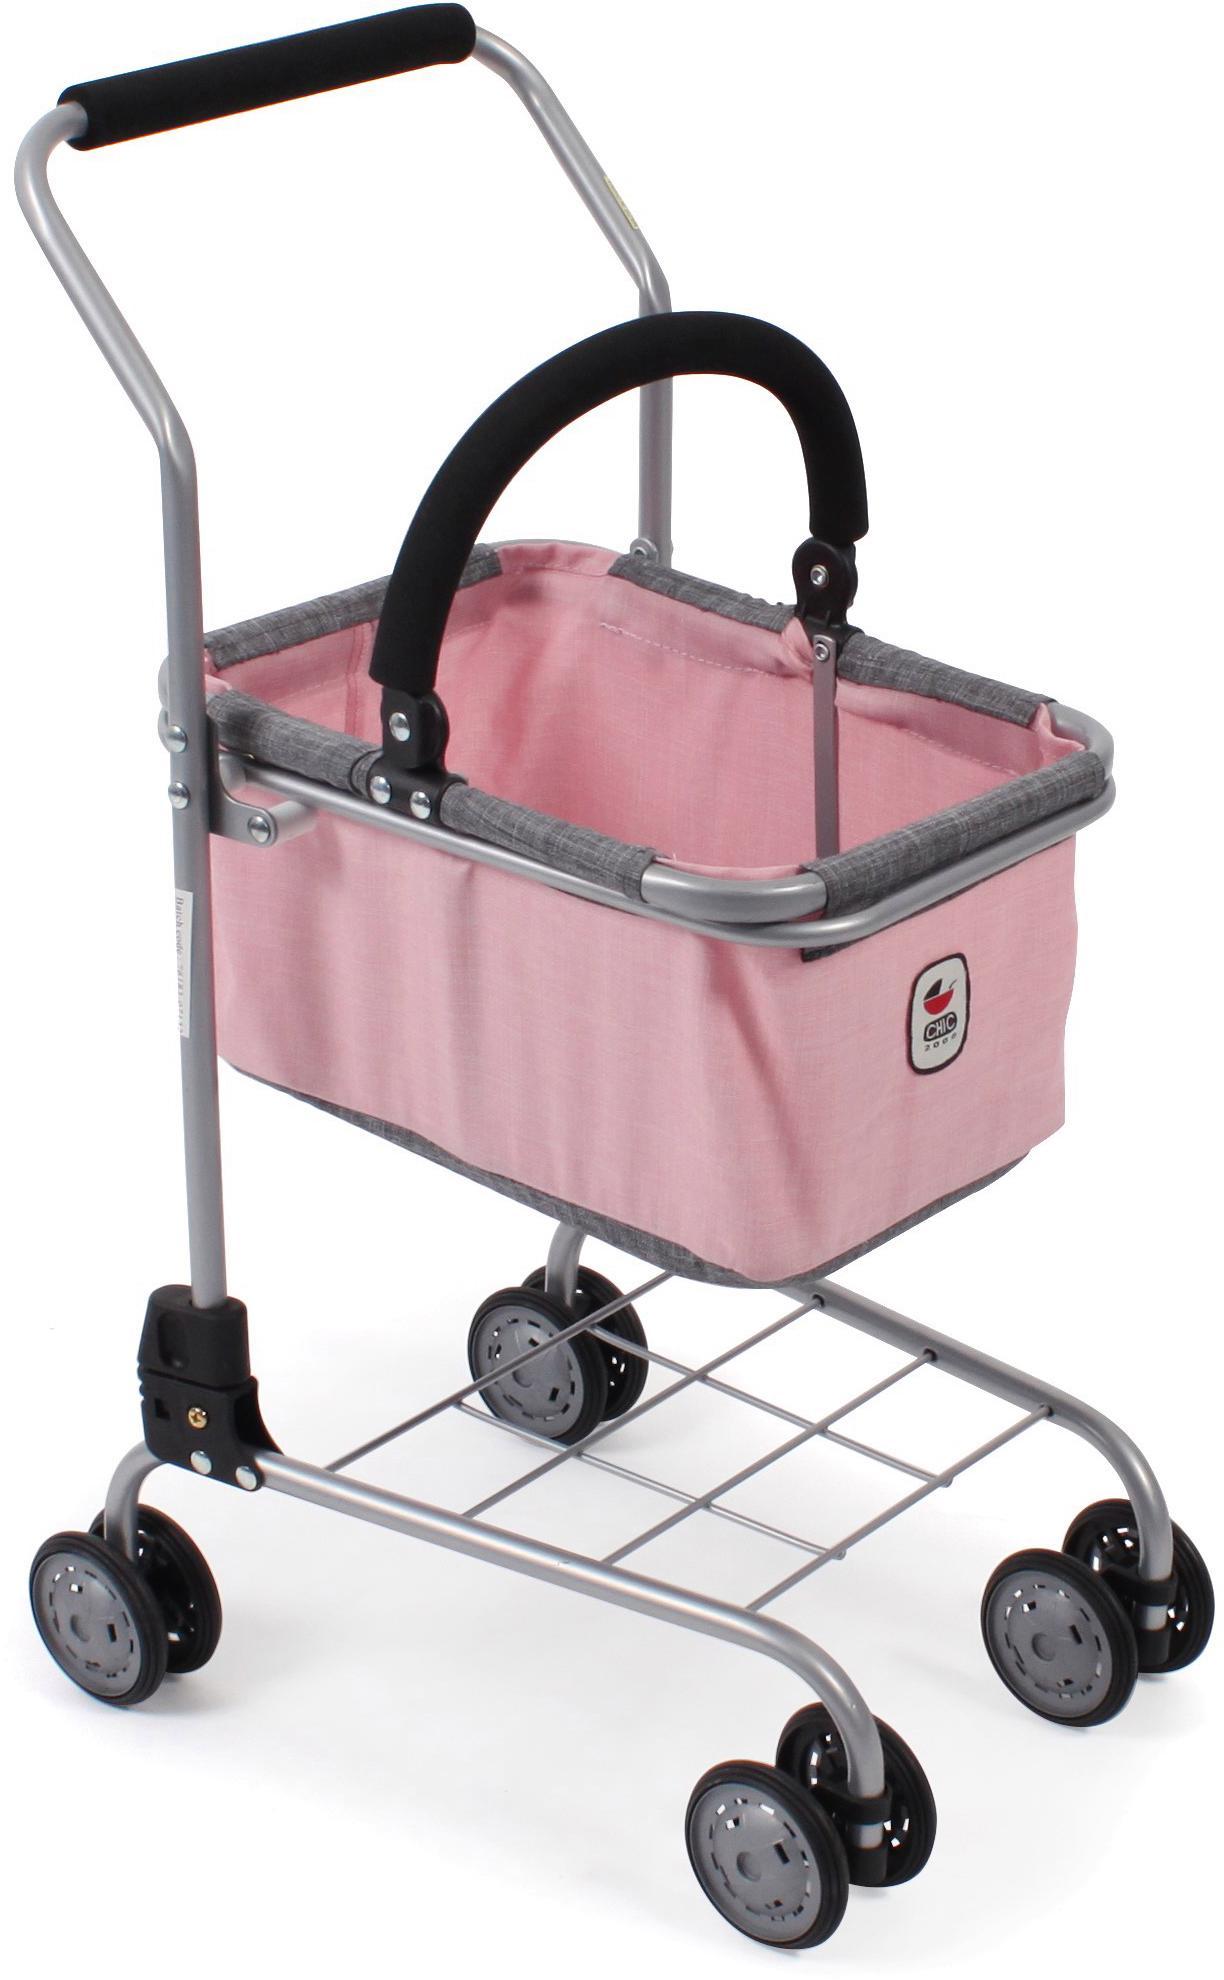 CHIC2000 Spiel-Einkaufswagen Kinder Einkaufswagen, grau-rosa rosa Kaufladen Zubehör Kinderküchen